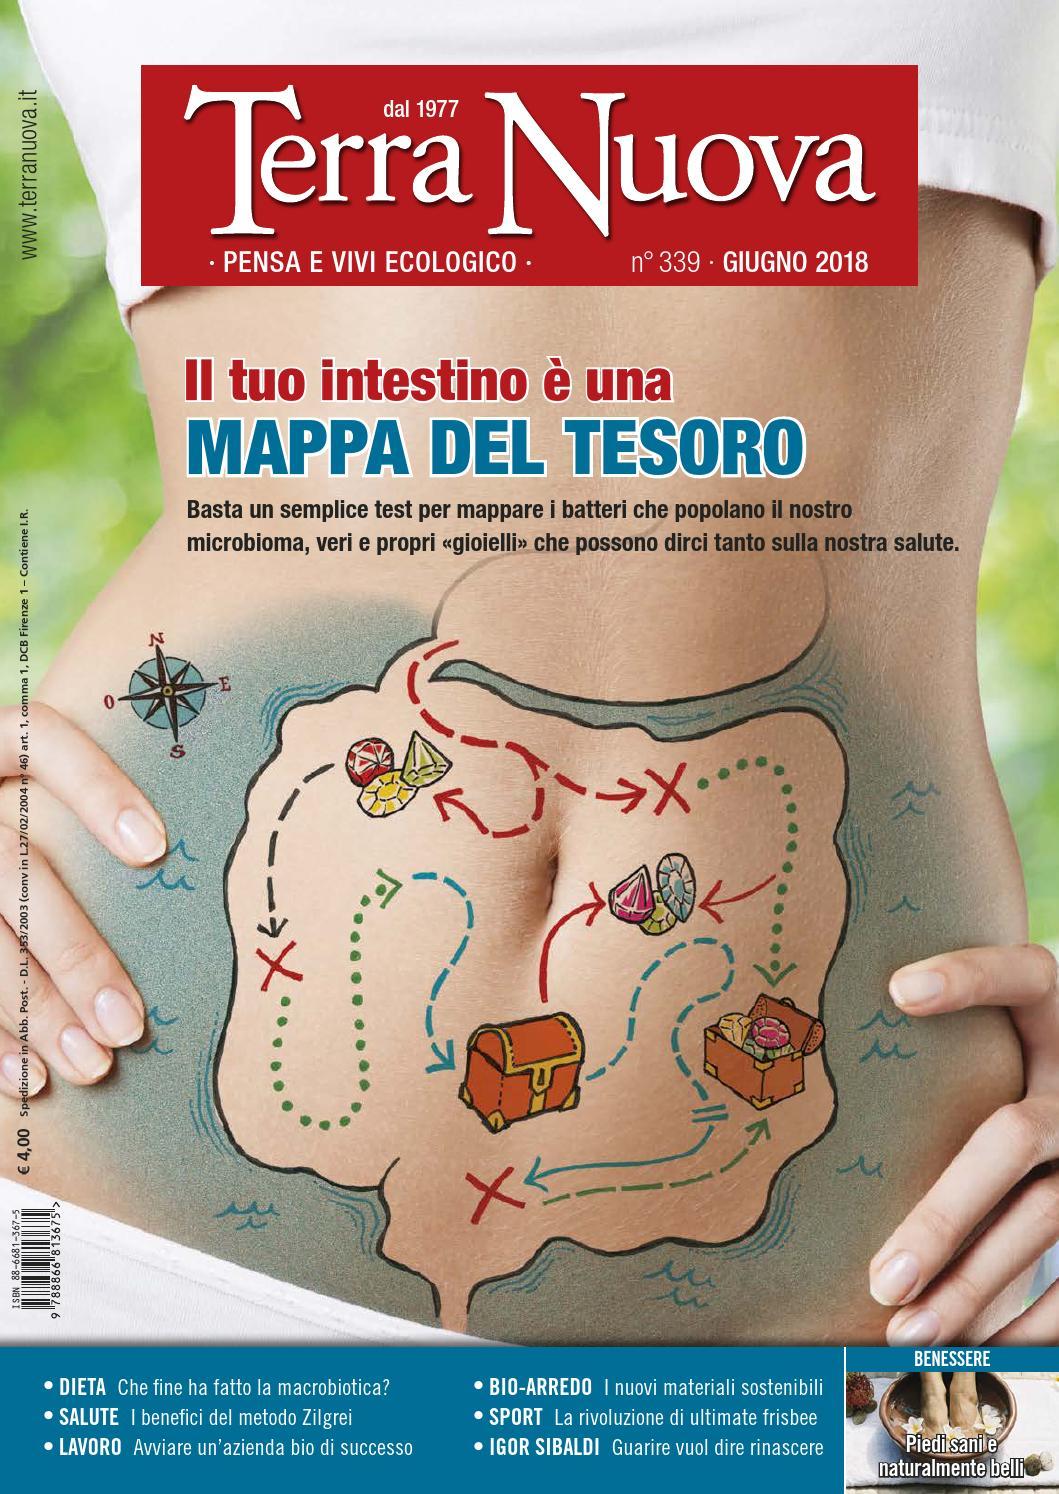 Terra Nuova Giugno 2018 by Terra Nuova Edizioni issuu